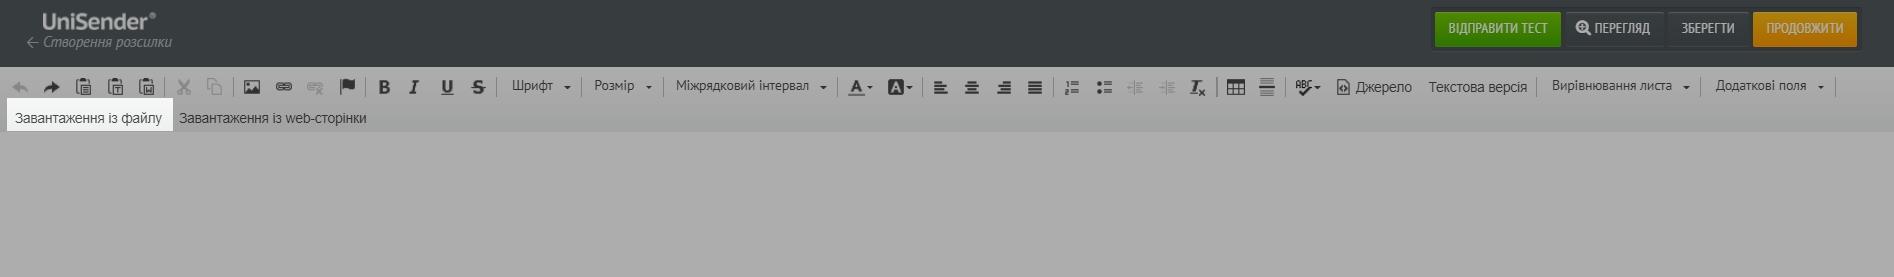 Завантаження із файлу